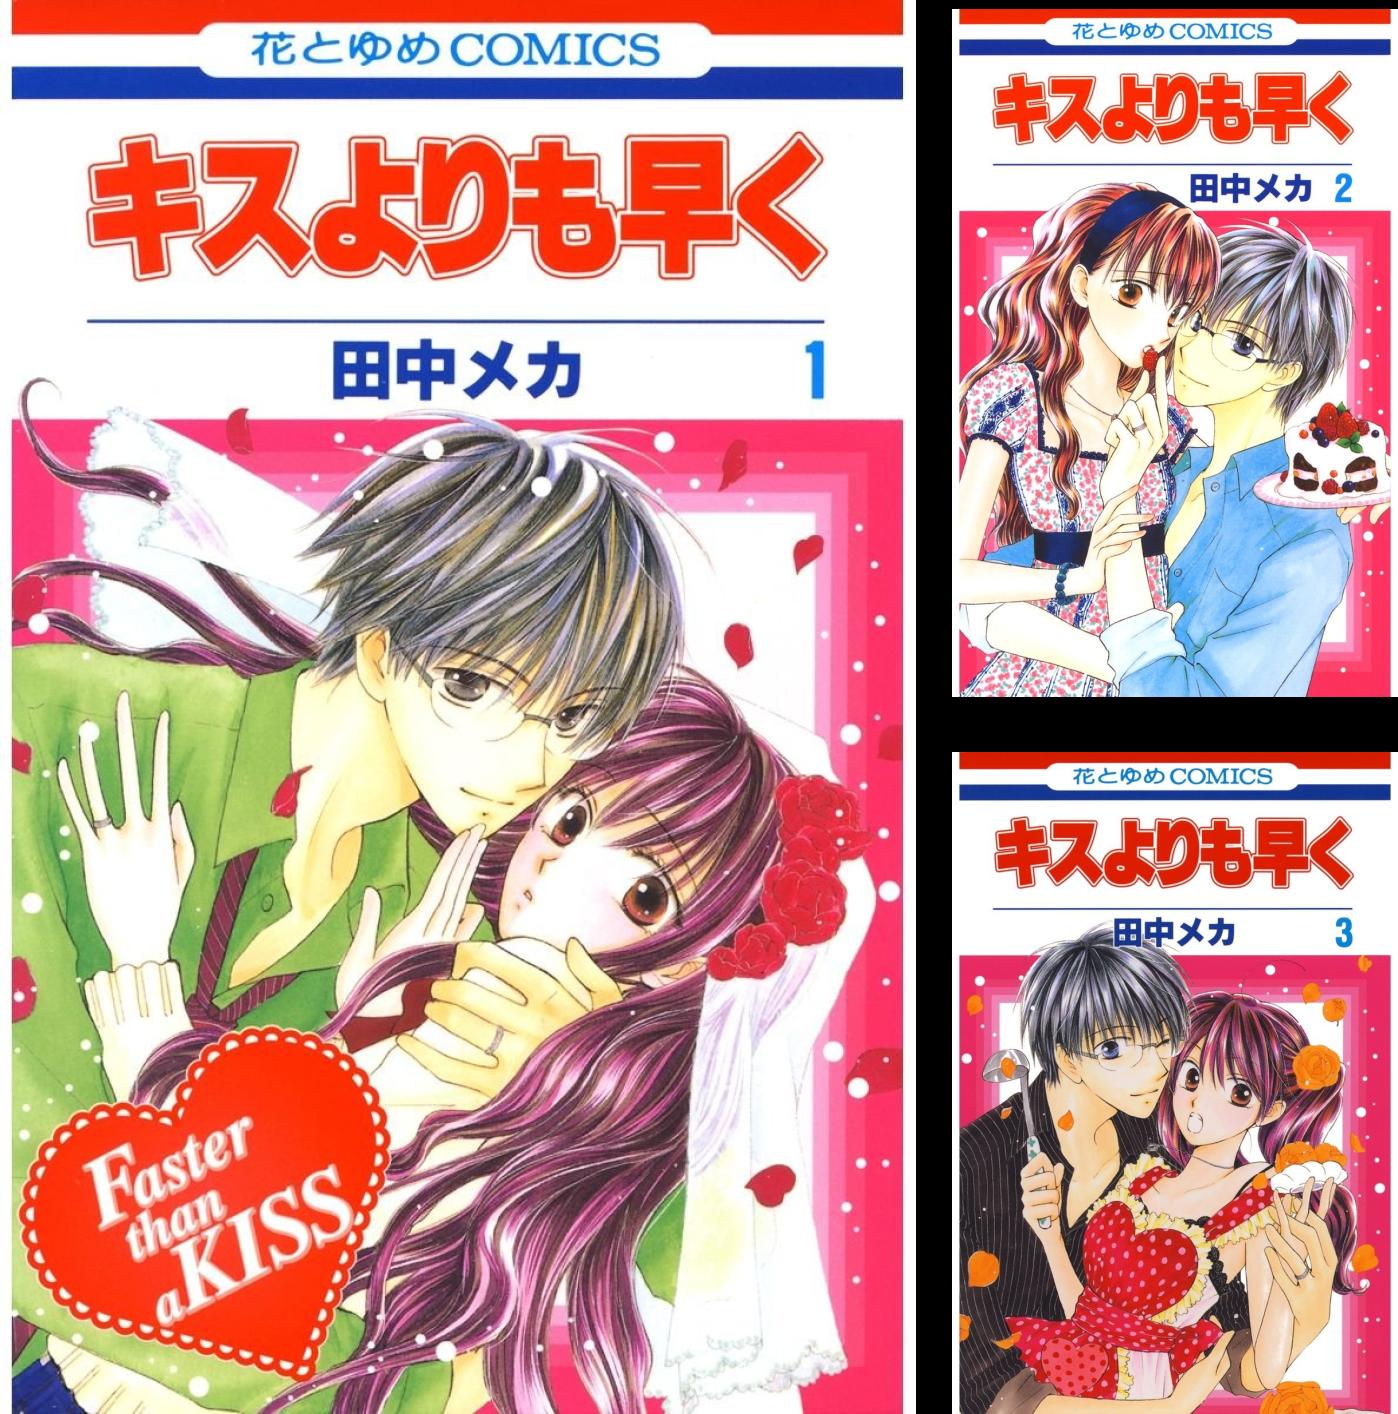 [まとめ買い] キスよりも早く(花とゆめコミックス)